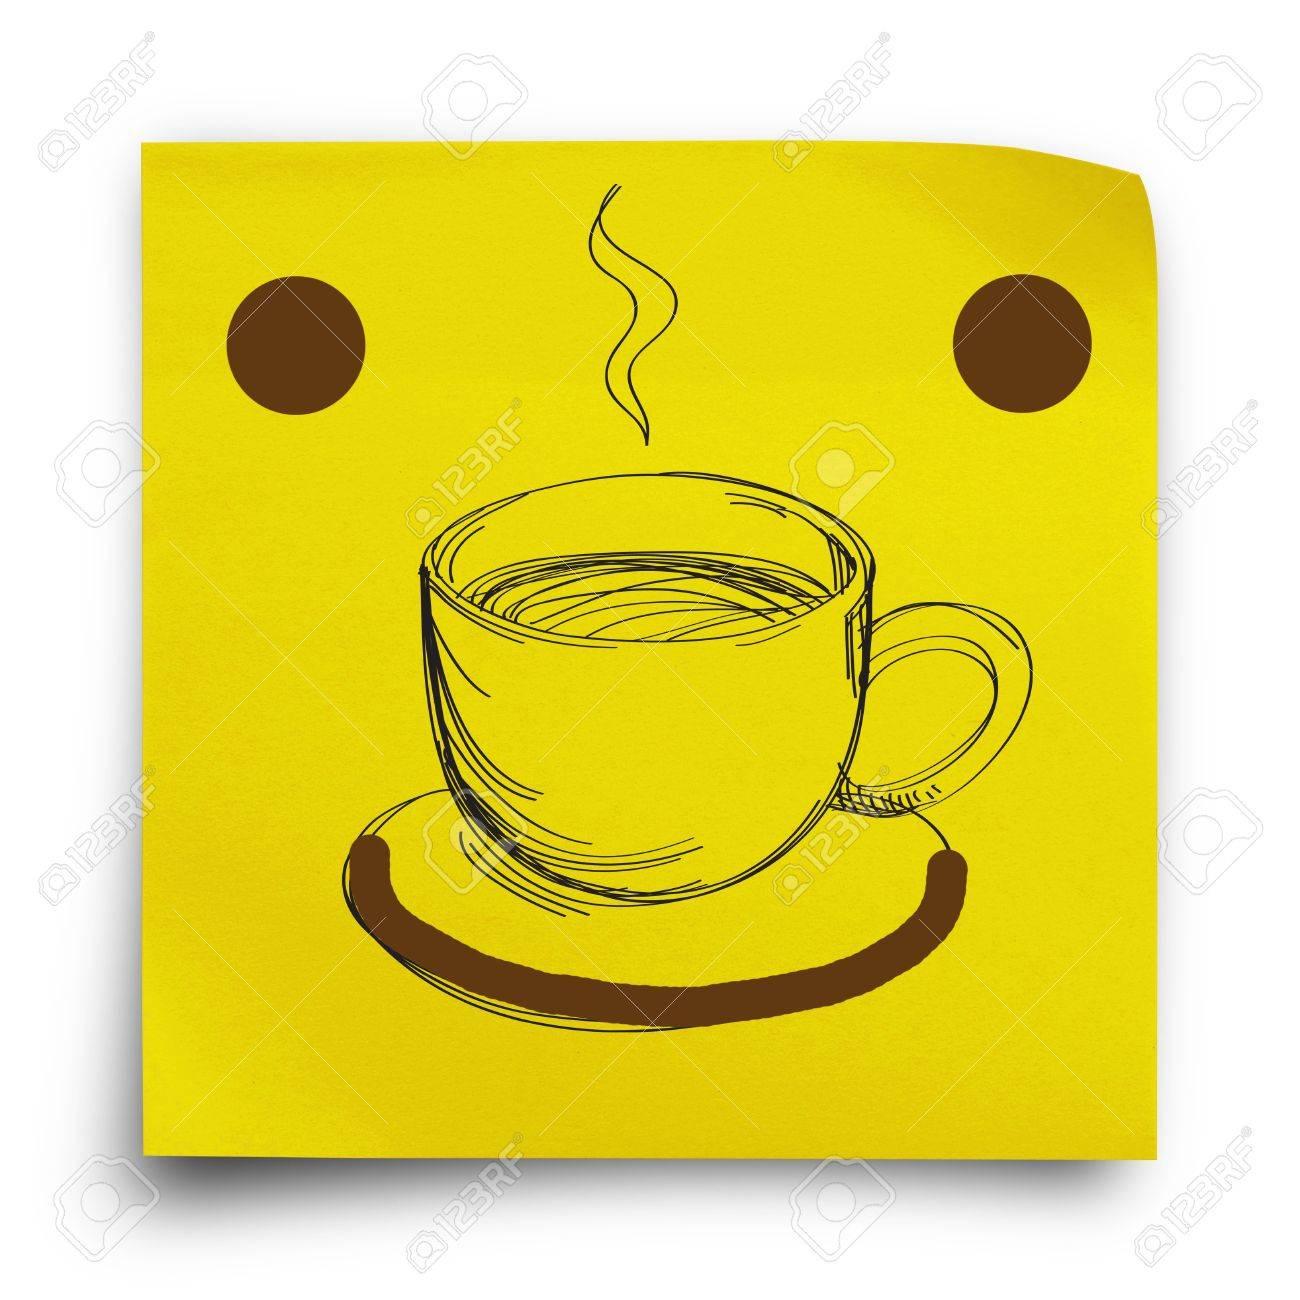 Immagini Stock Giallo Adesivo Nota Carta Con Smiley E Il Disegno